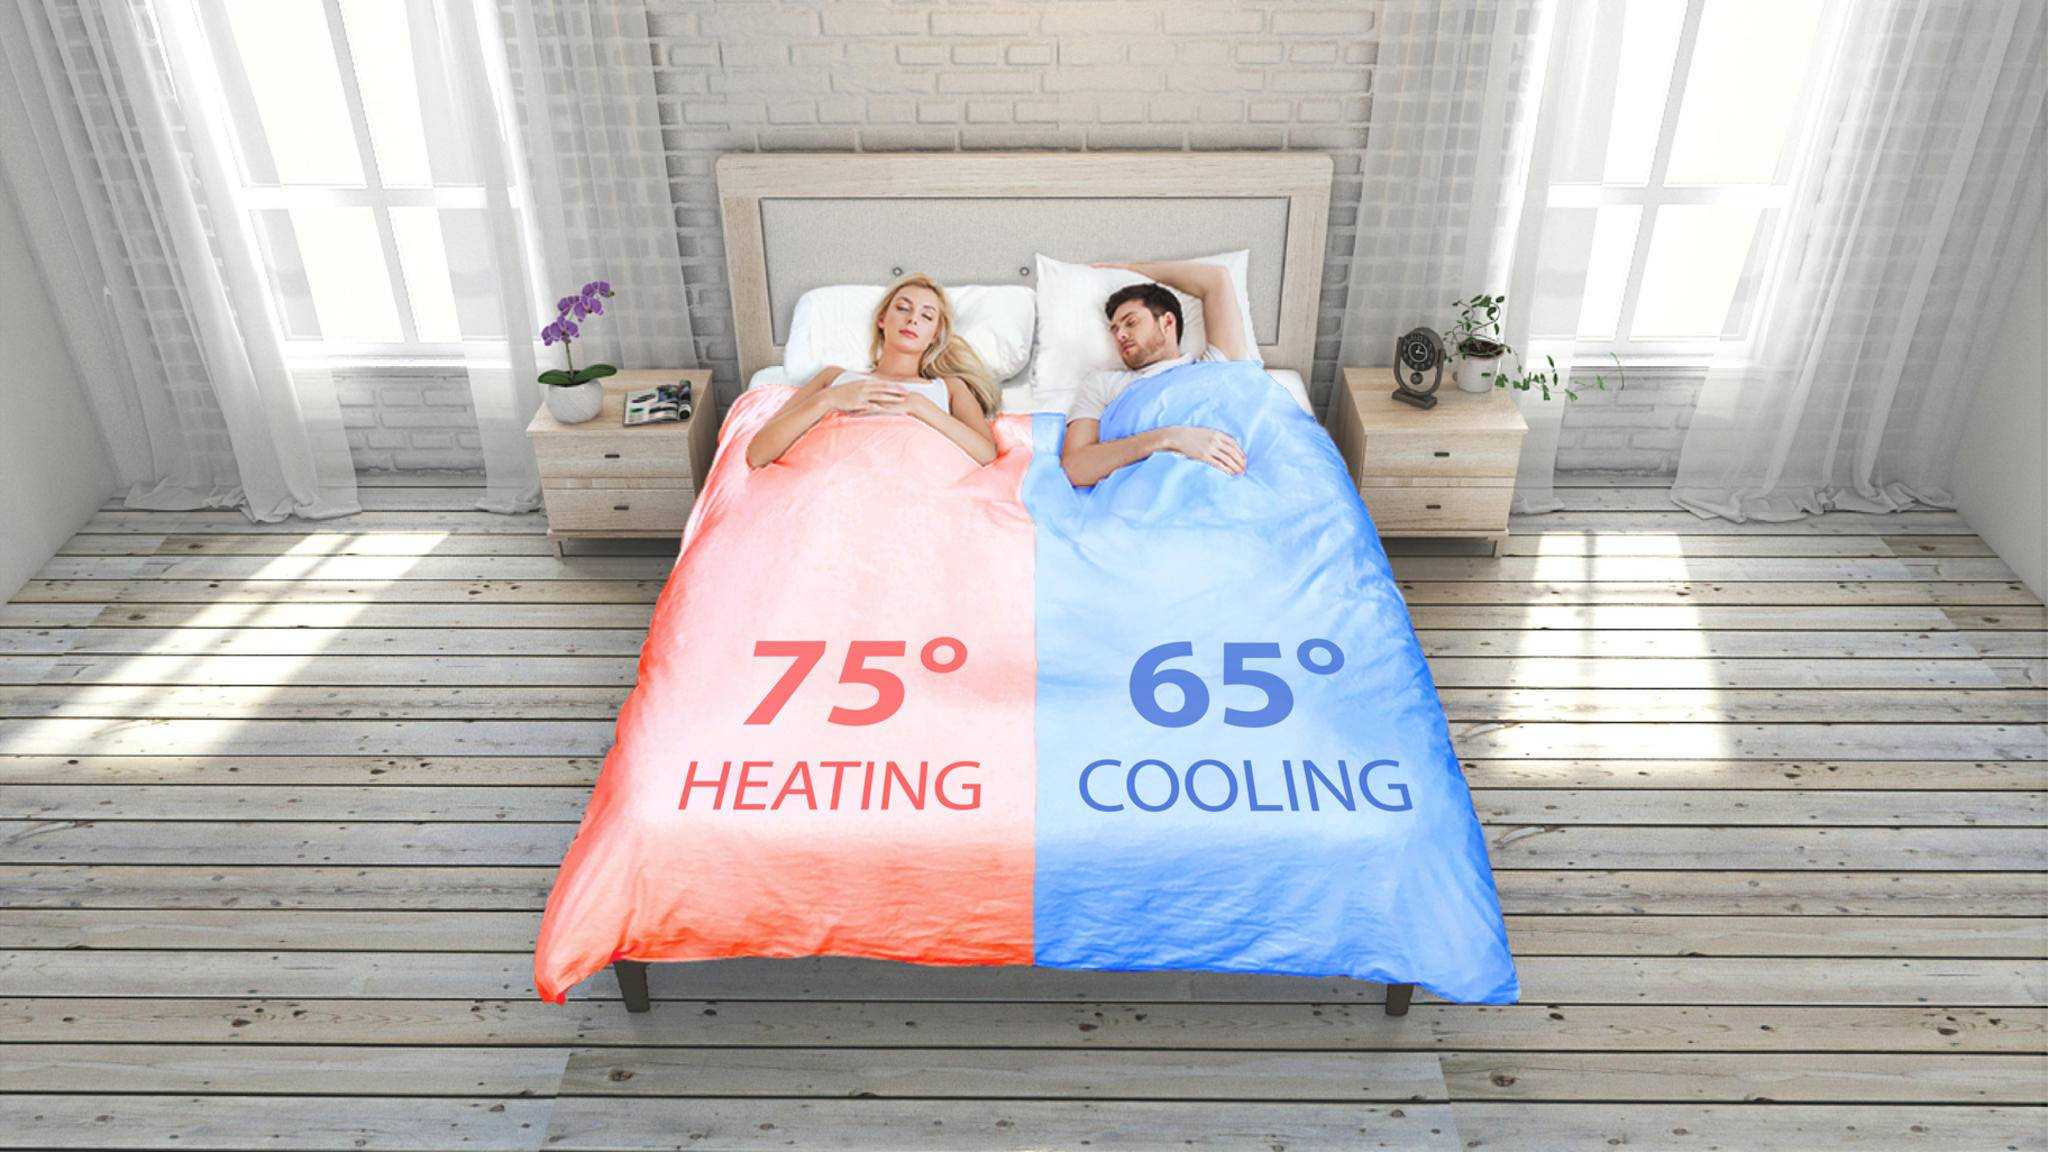 Die Temperaturen im Bett kannst Du dank Smartduvet Breeze selbst bestimmen. Die Angaben sind im Schaubild in Grad Fahrenheit angegeben.